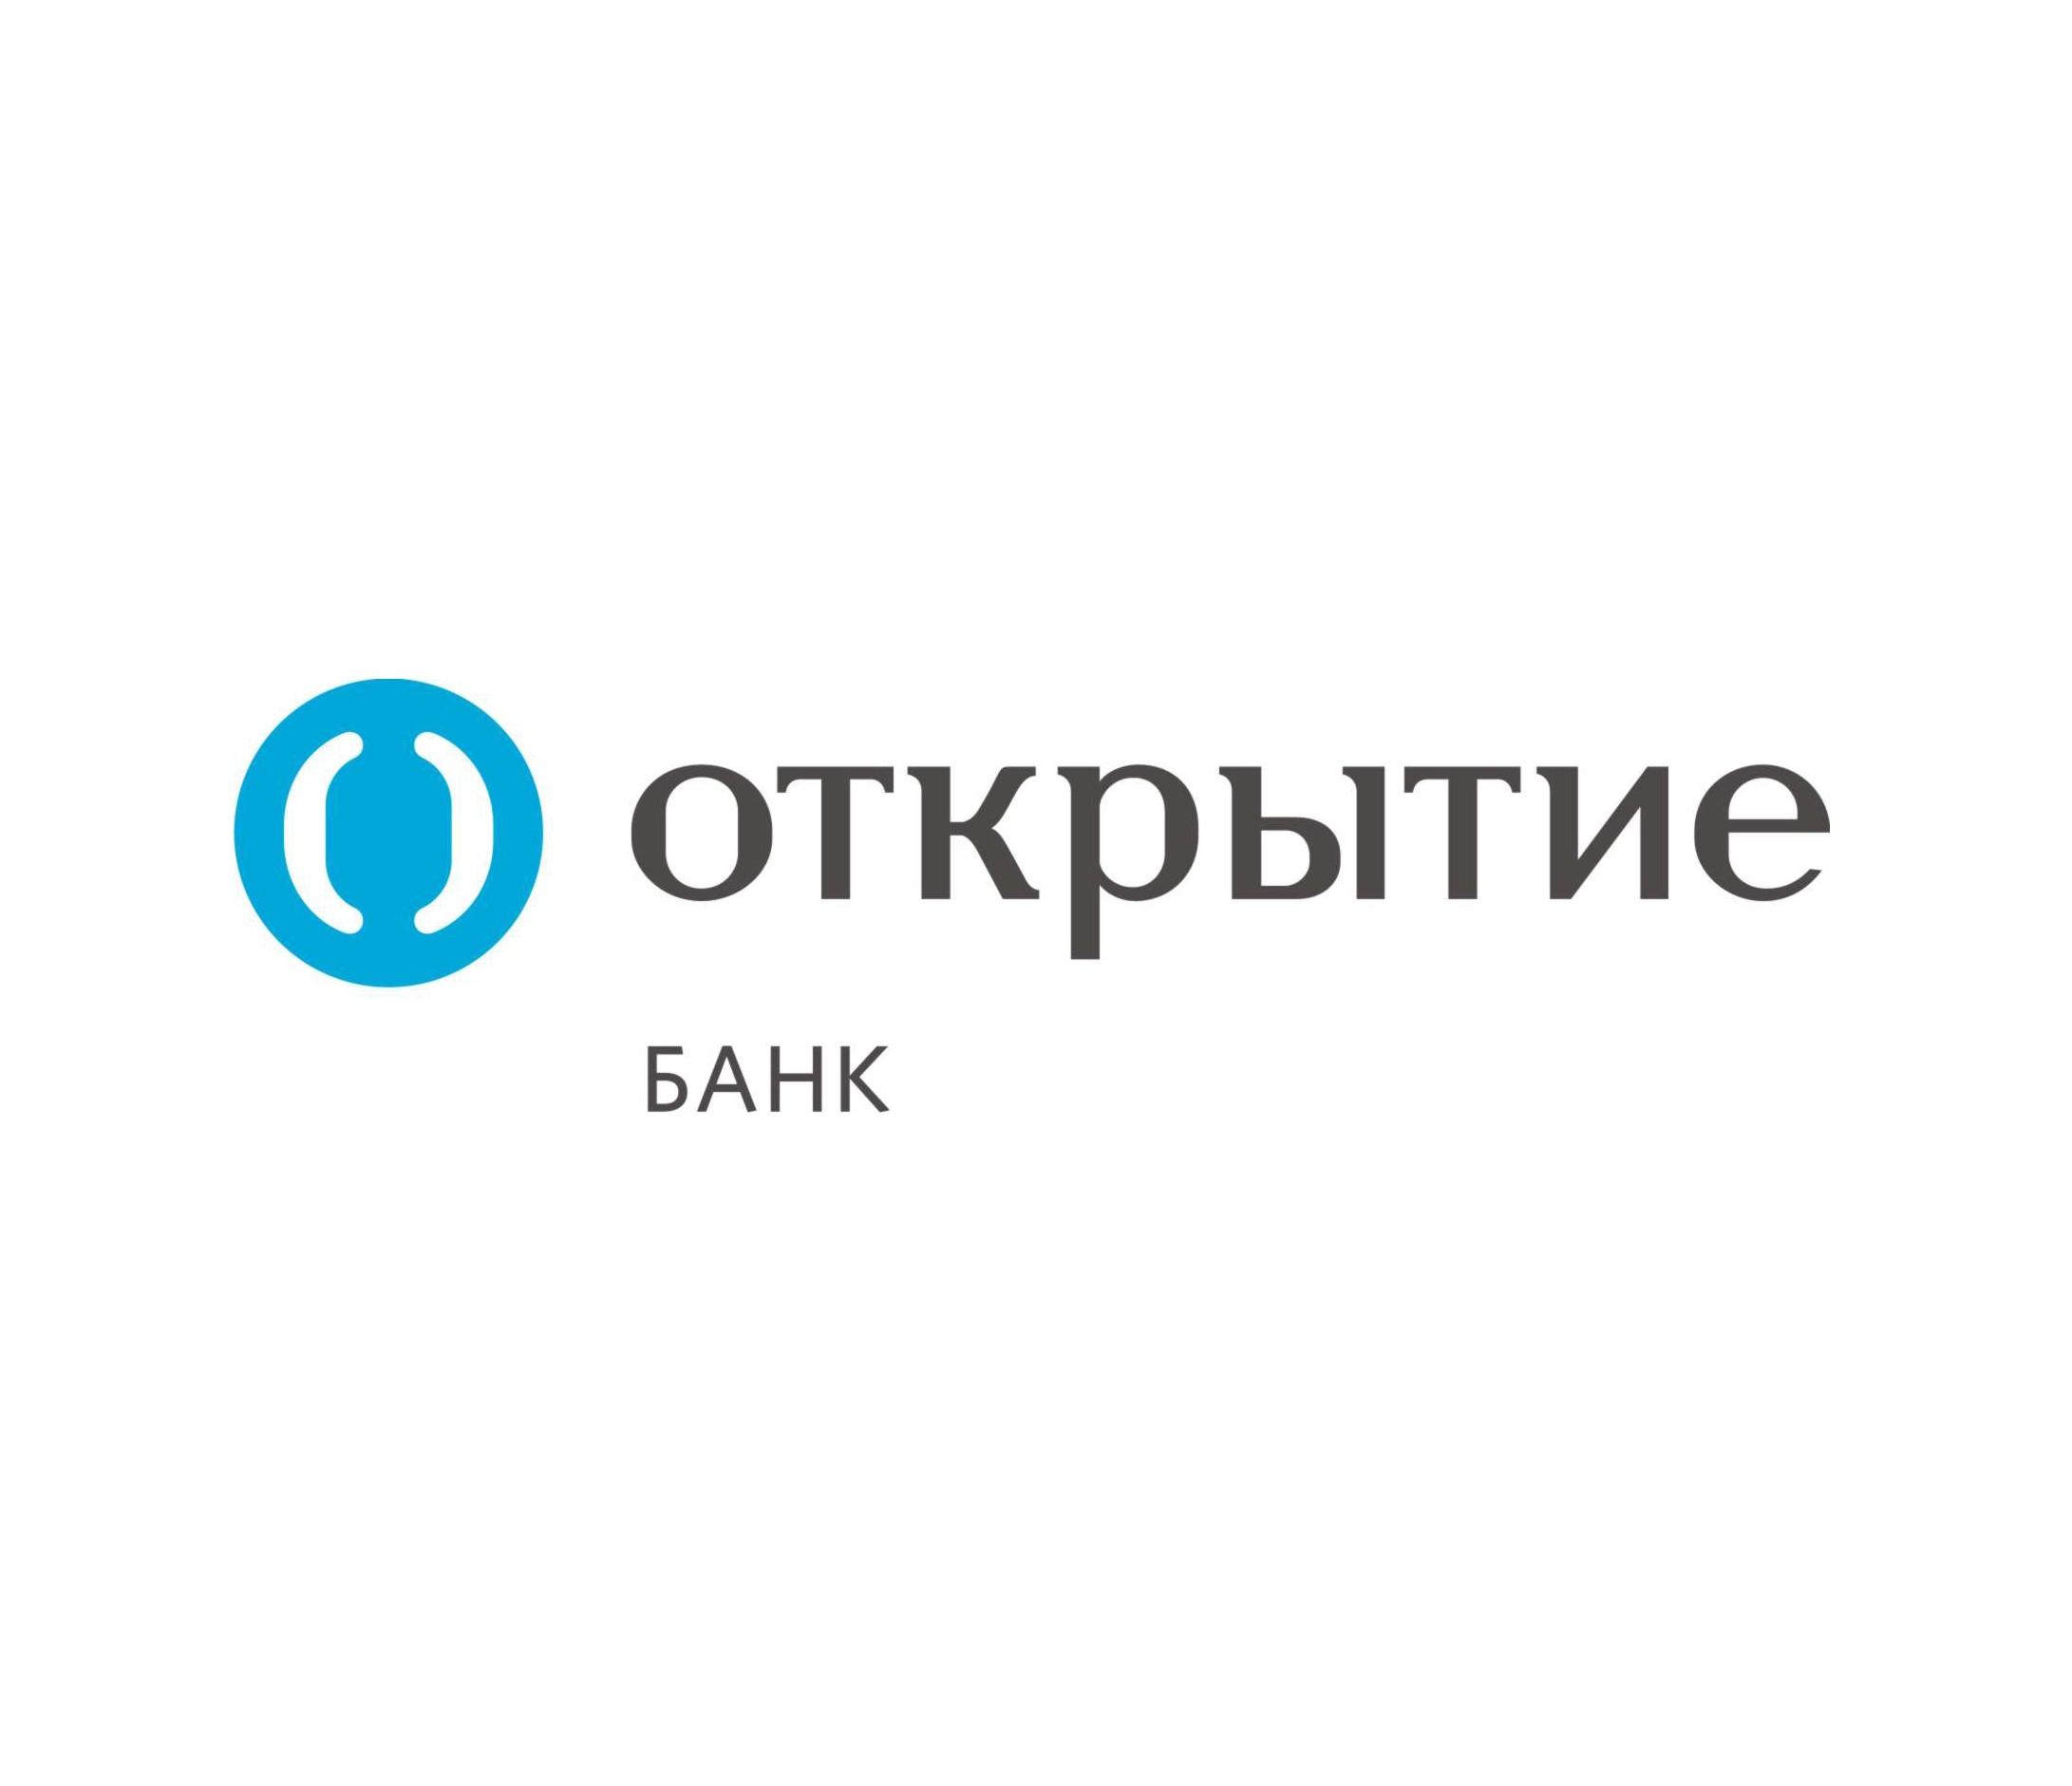 19.04.2019 Банк «Открытие» представил индекс цифровизации бизнеса